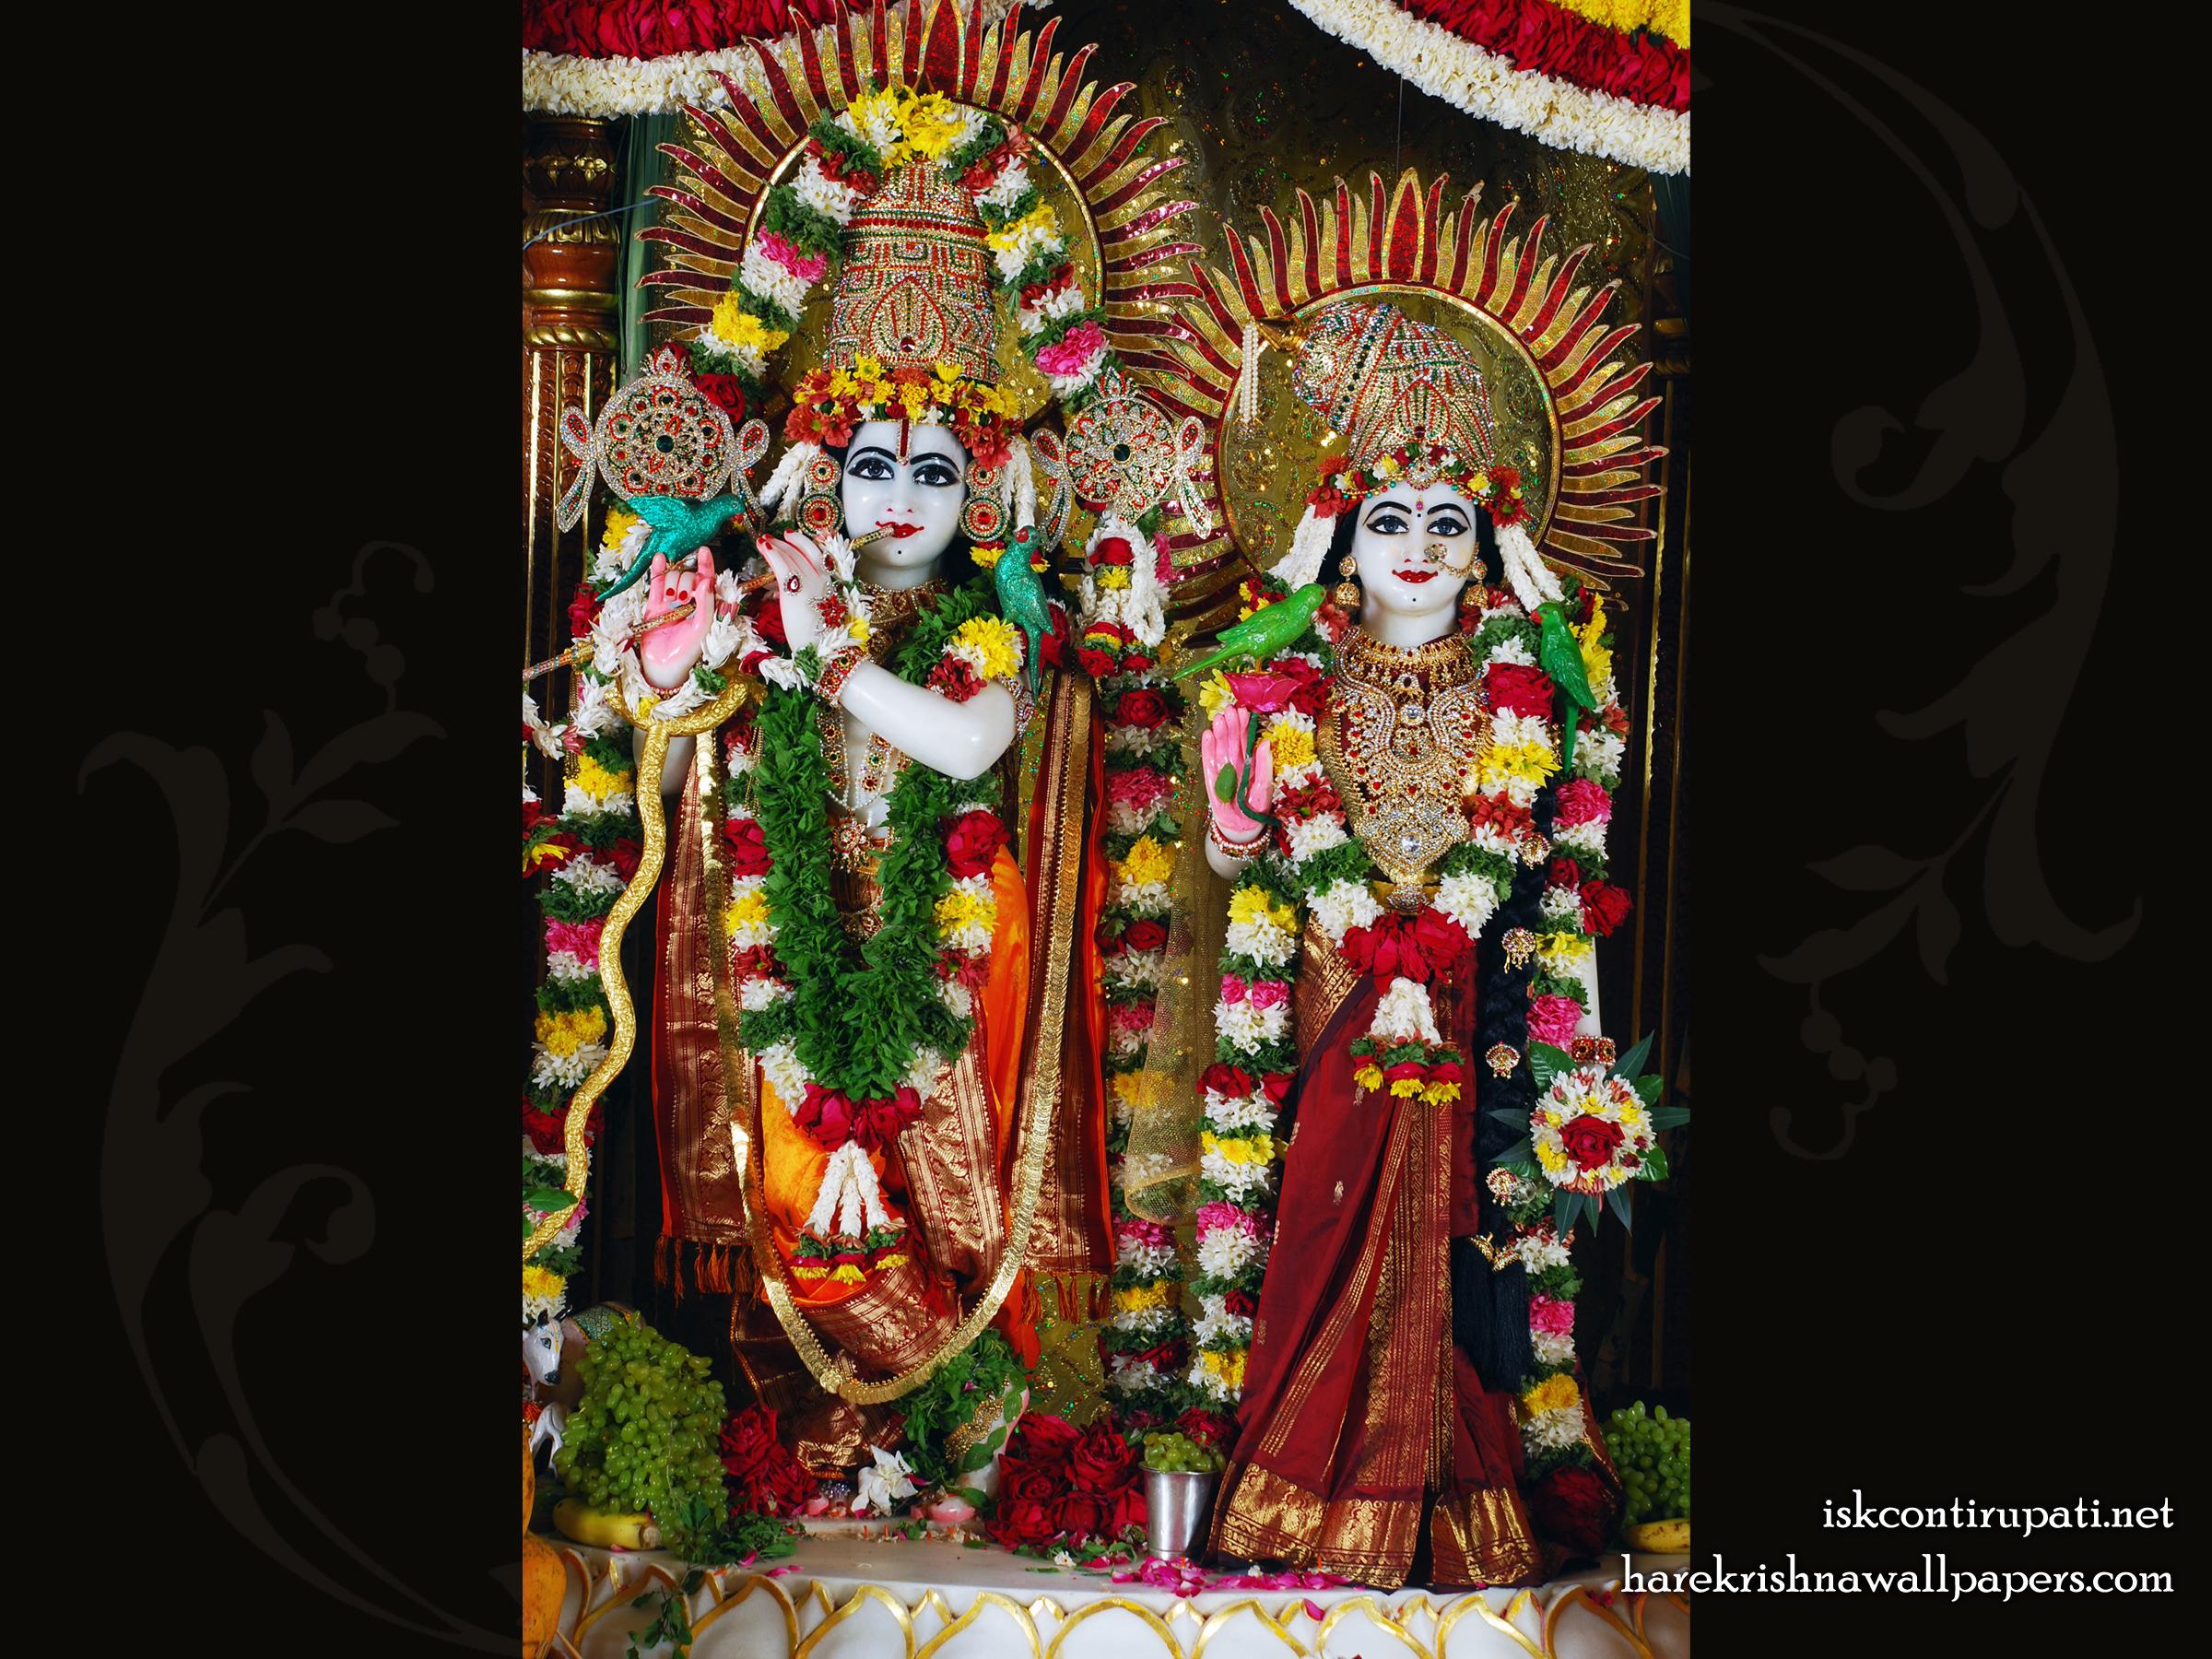 Sri Sri Radha Govinda Wallpaper (002) Size 2400x1800 Download